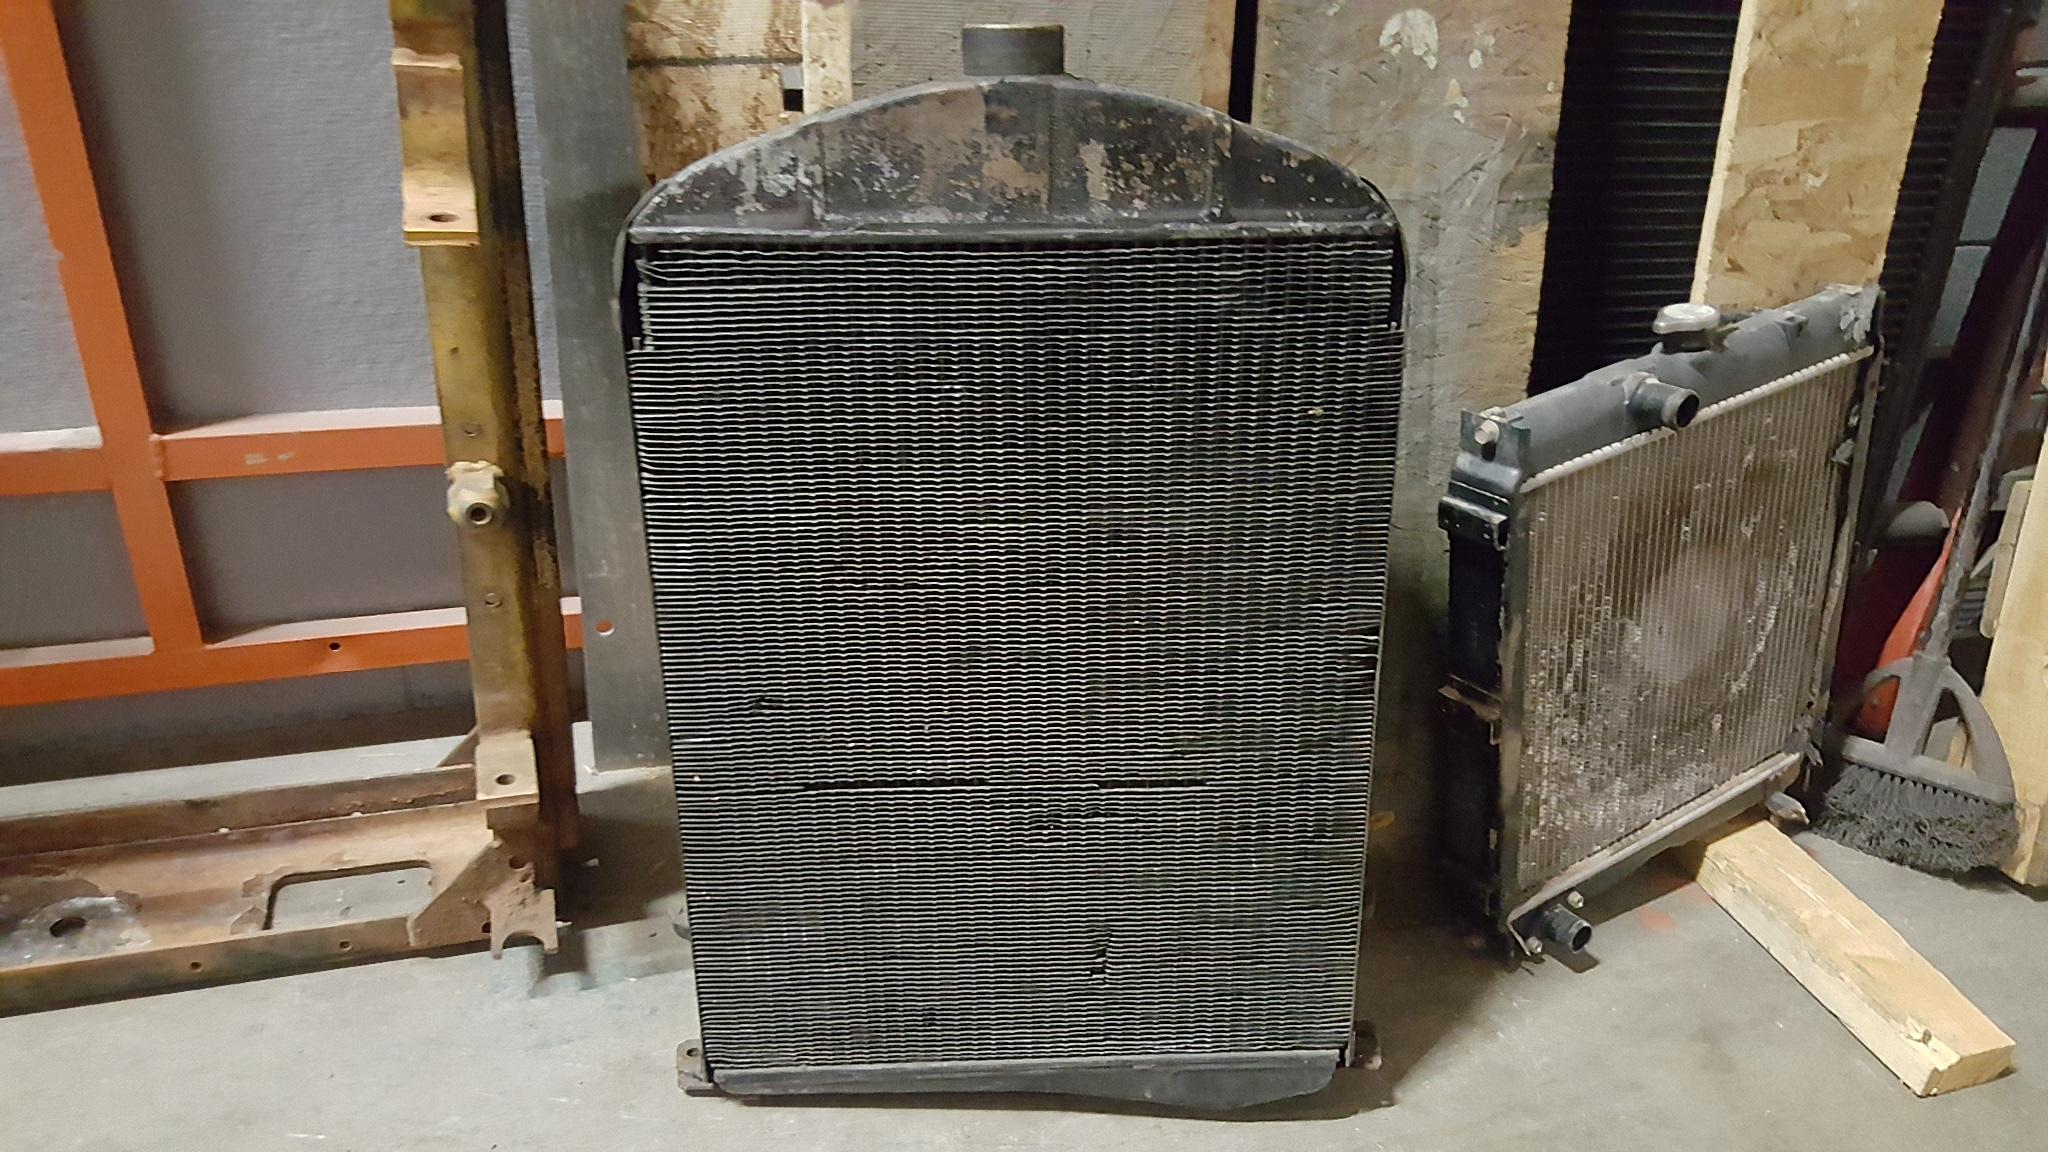 model a ford radiator repair